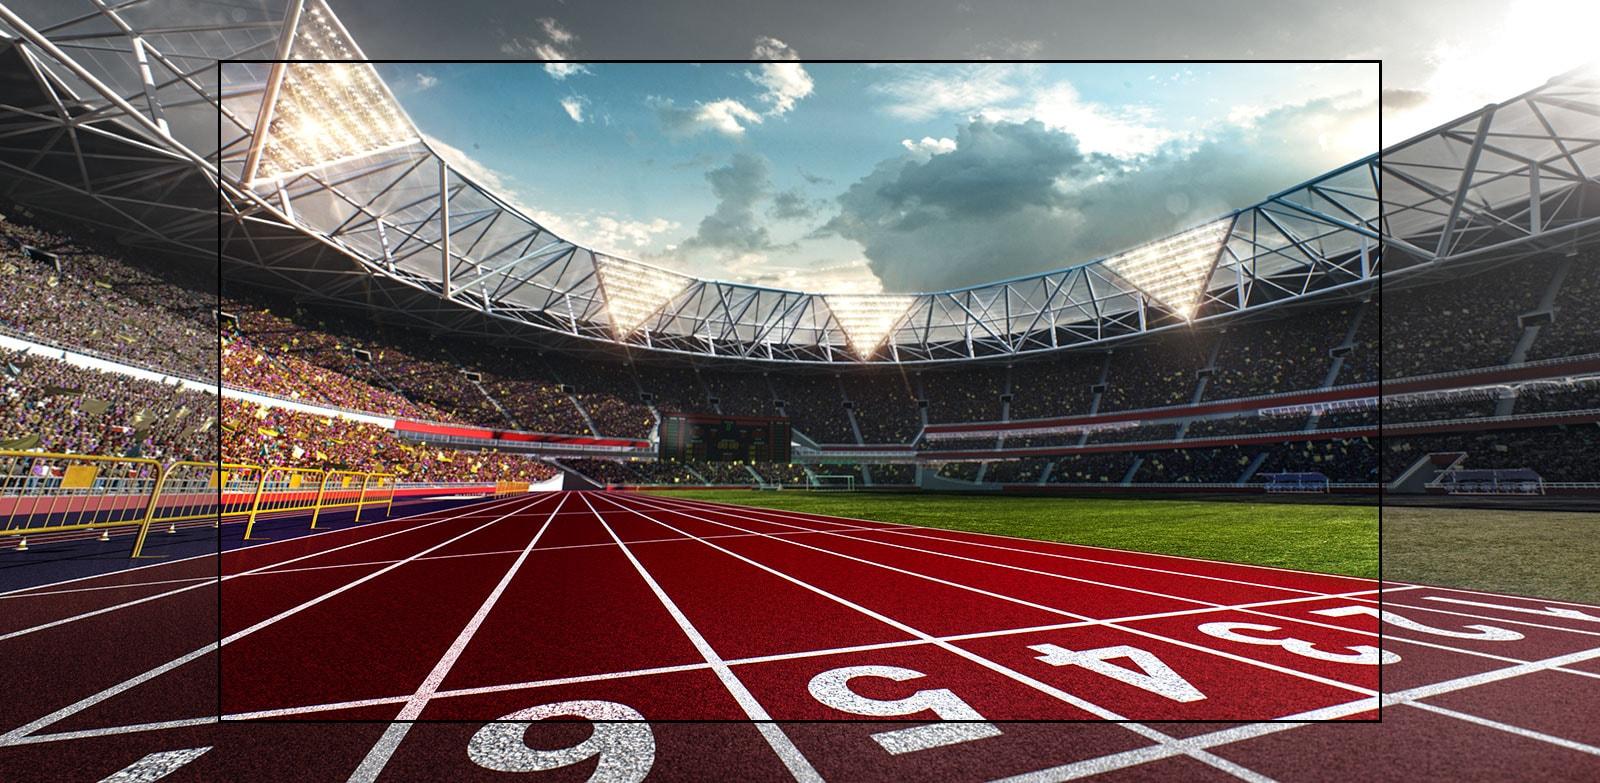 Экран телевизора с изображением стадиона с крупным планом беговой дорожки. Стадион полон зрителей.